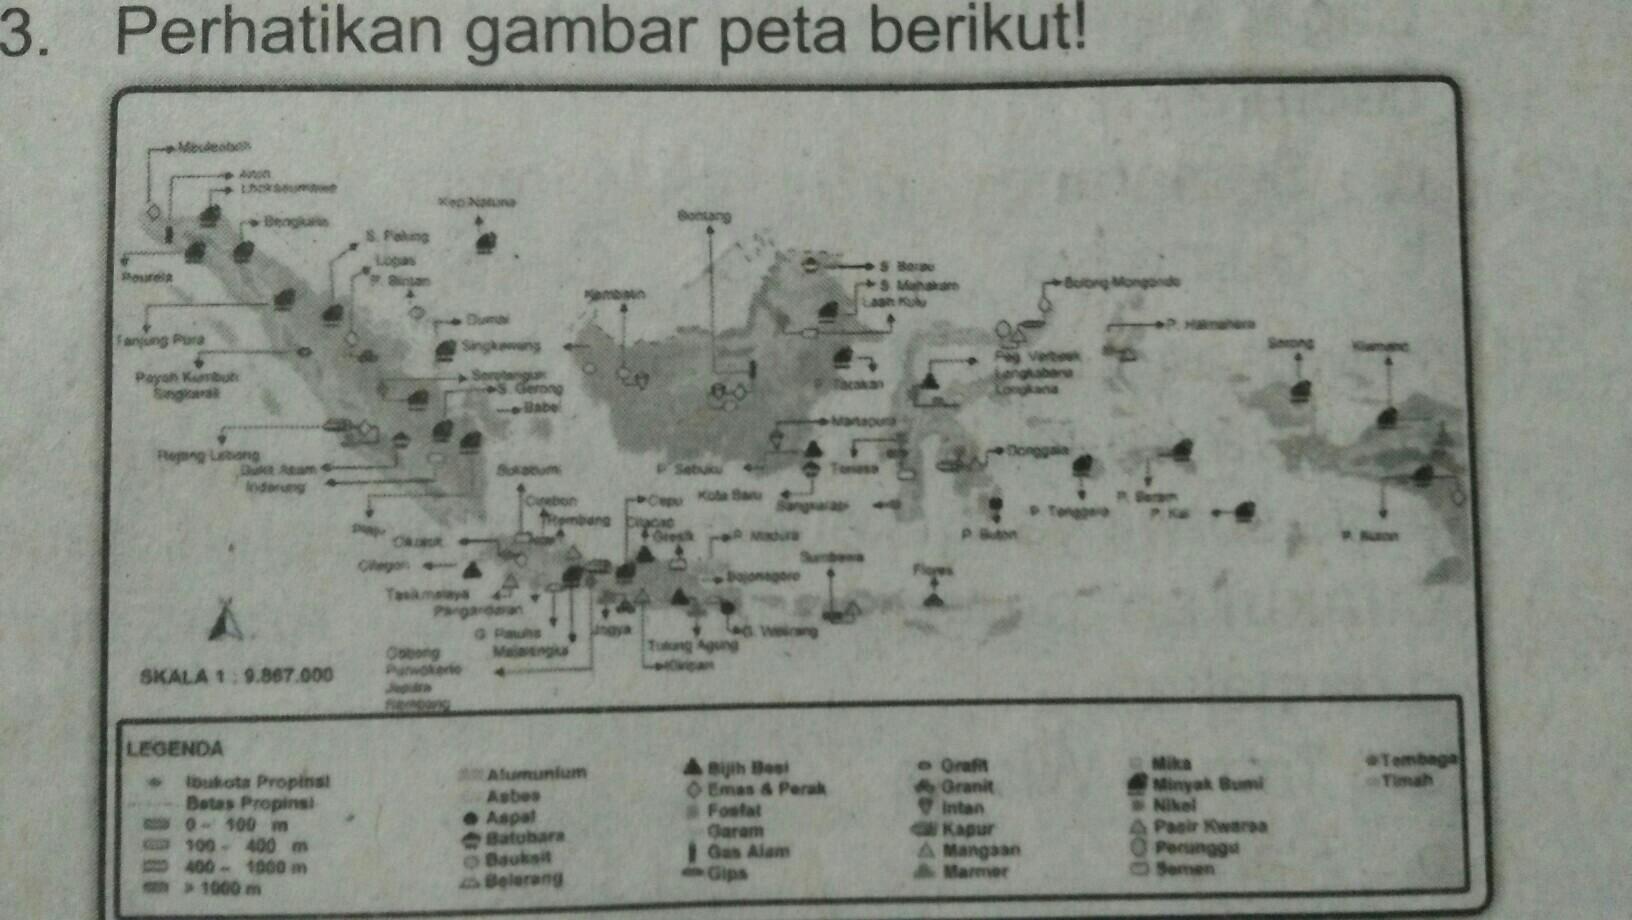 19++ Persebaran sumber daya hewan di indonesia terbaru